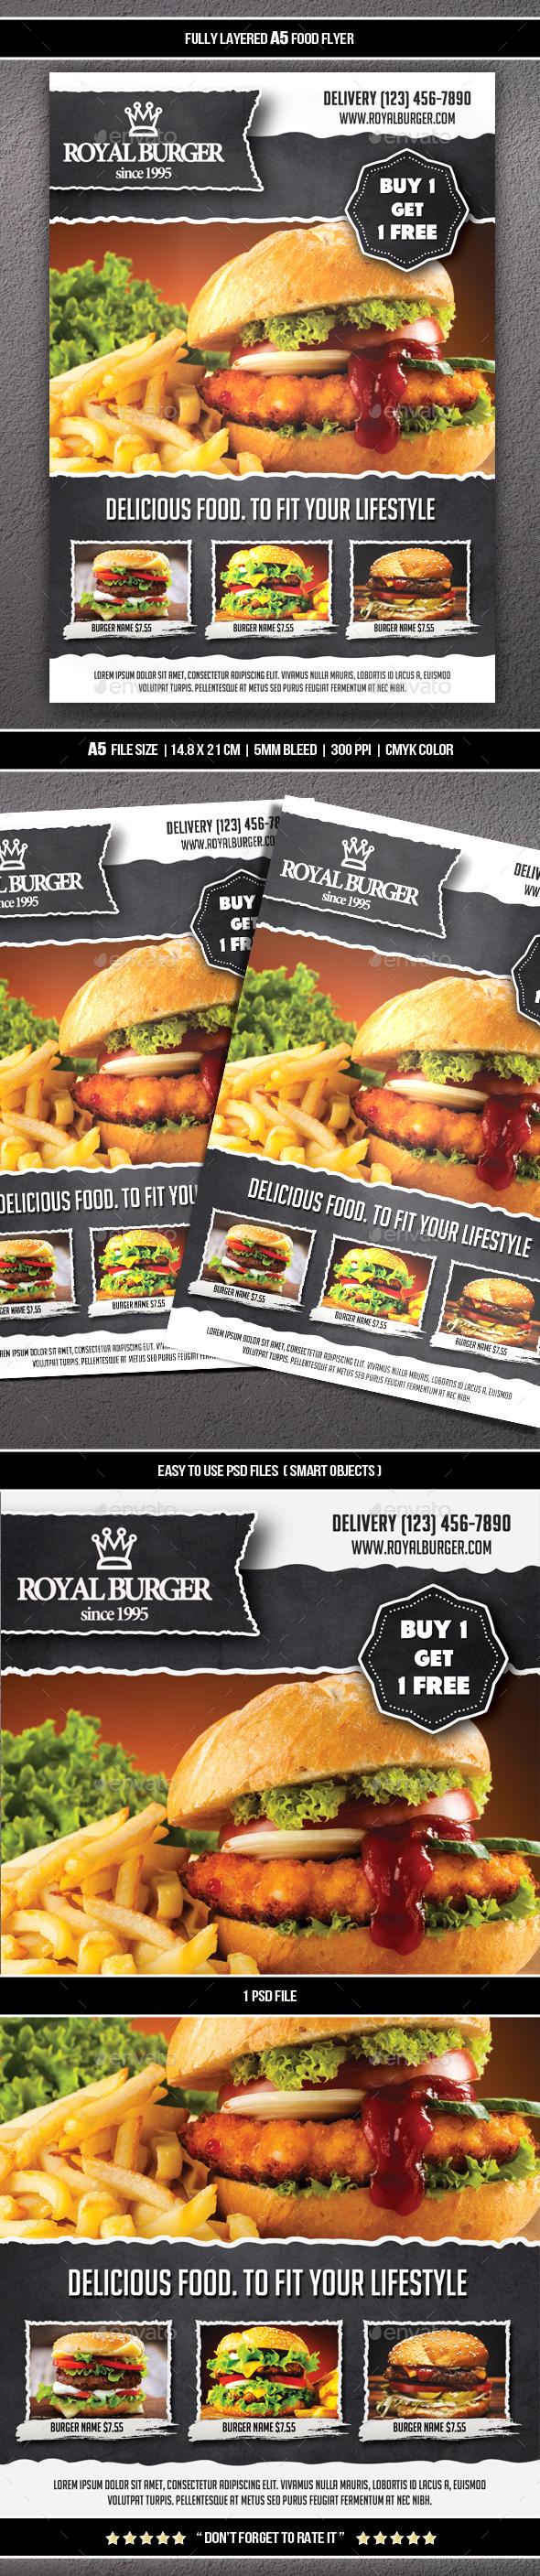 Food Flyer 11 (A5) - Restaurant Flyers